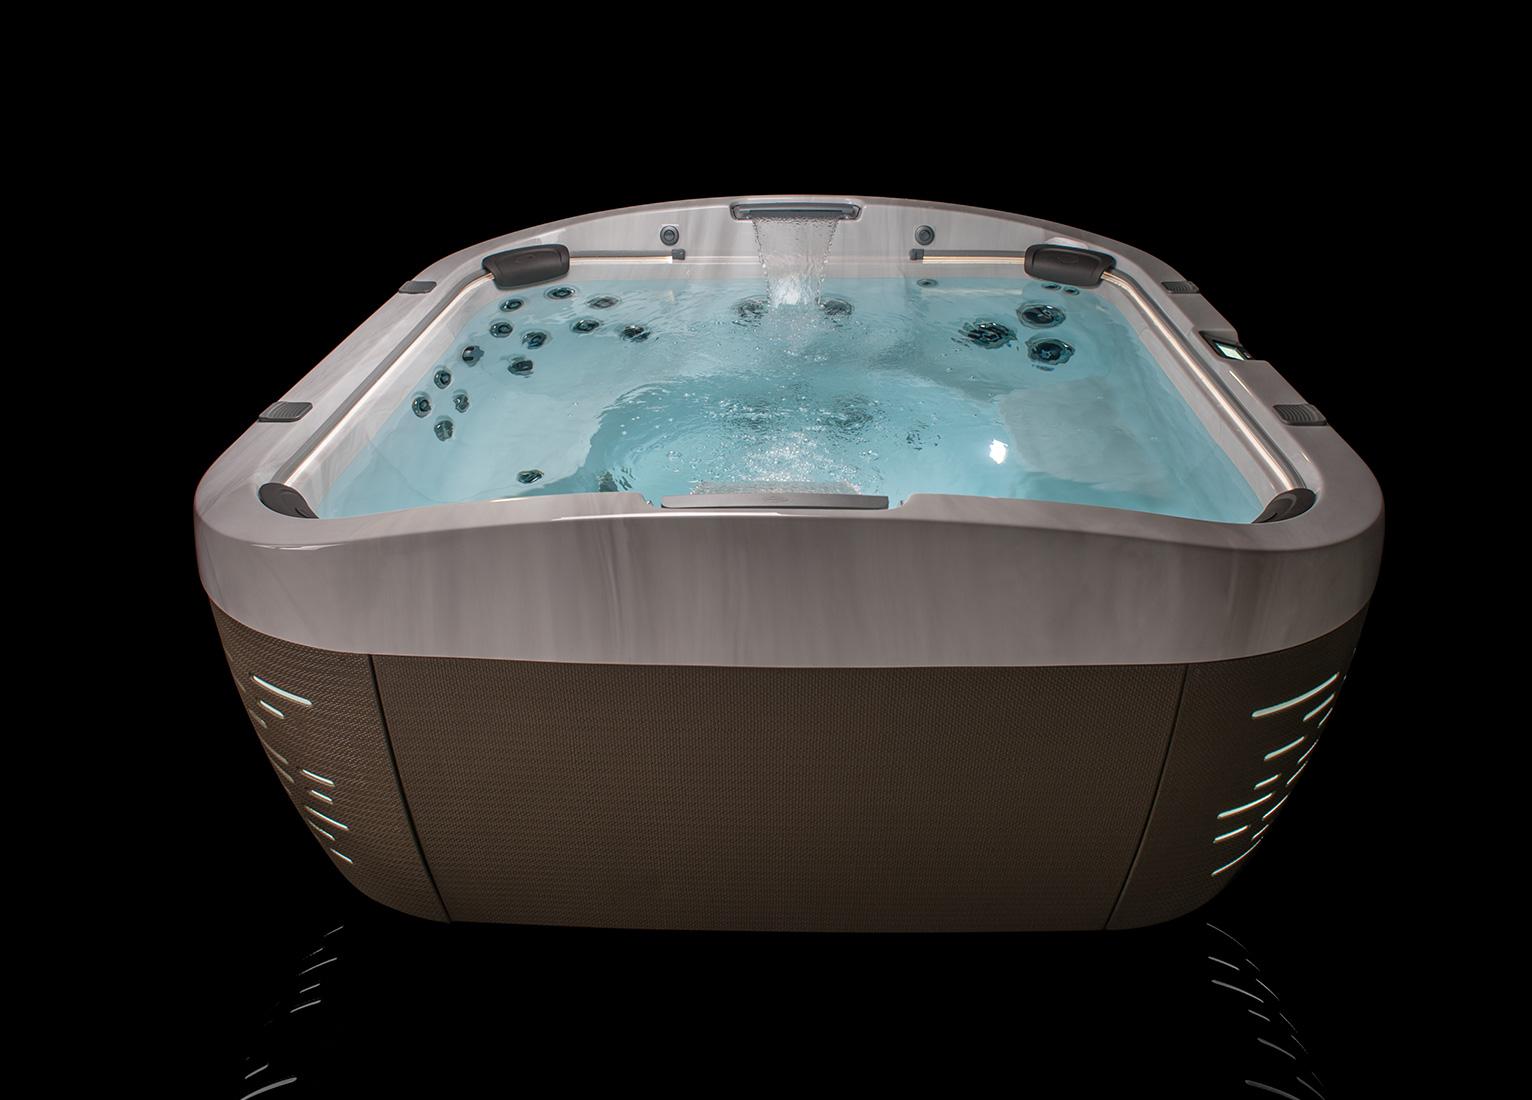 mini piscine da giardino prezzi piscine fuori terra oasi piscine fuori terra zodiac with mini. Black Bedroom Furniture Sets. Home Design Ideas